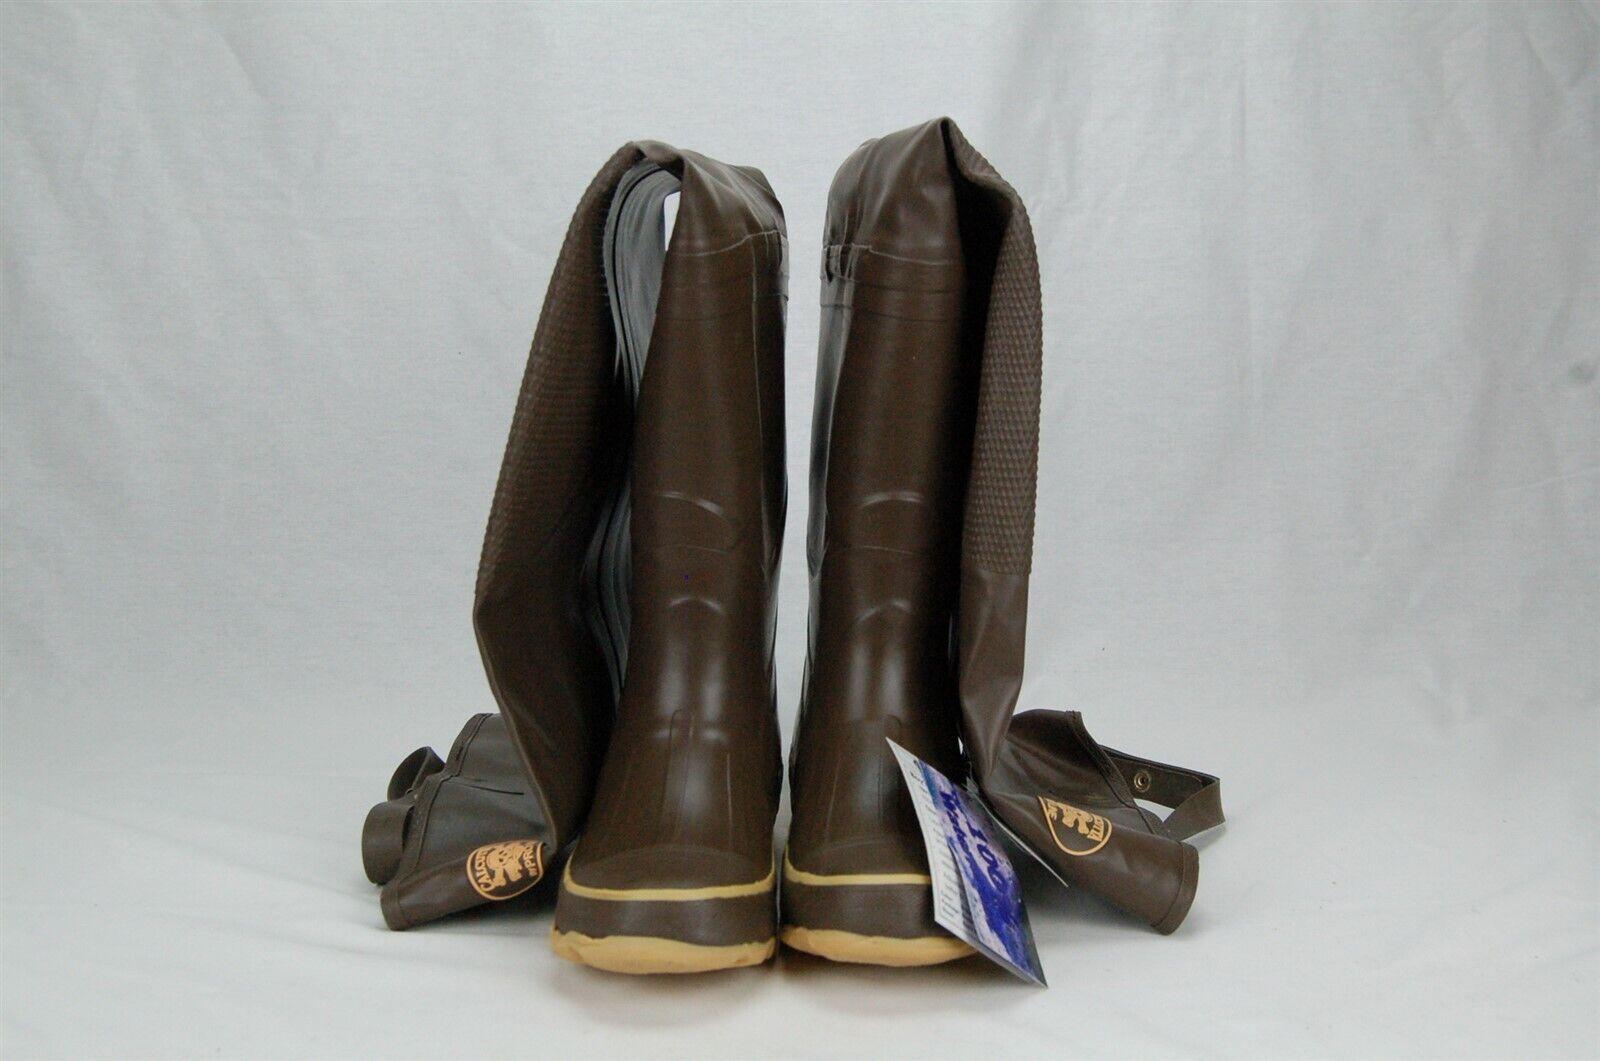 Calcutta Pro Line Niño Suela de caucho de cadera botas Cleated Marrón